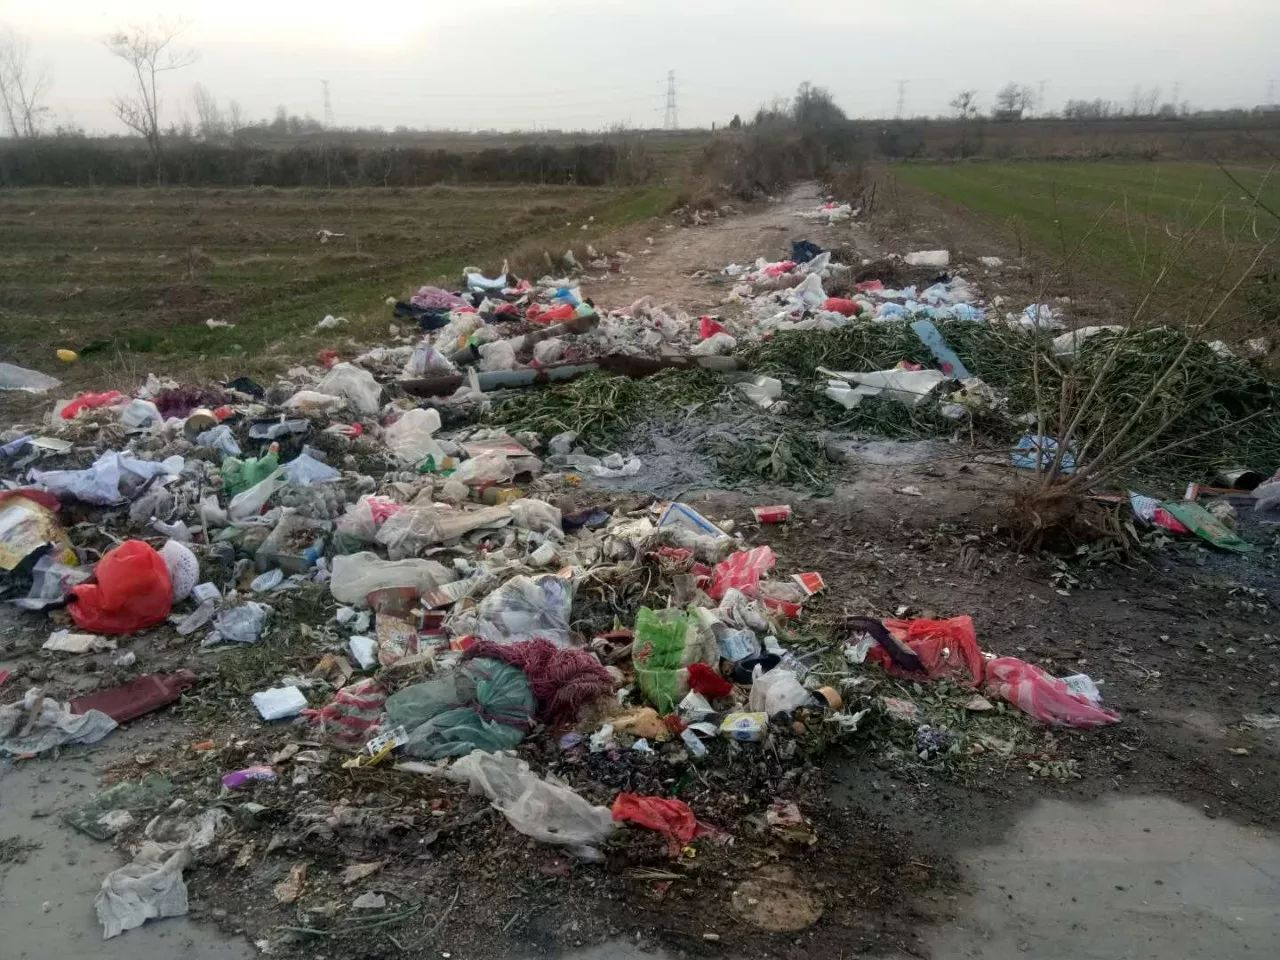 成堆得塑料垃圾,不仅污染环境,对土地也事一种伤害.